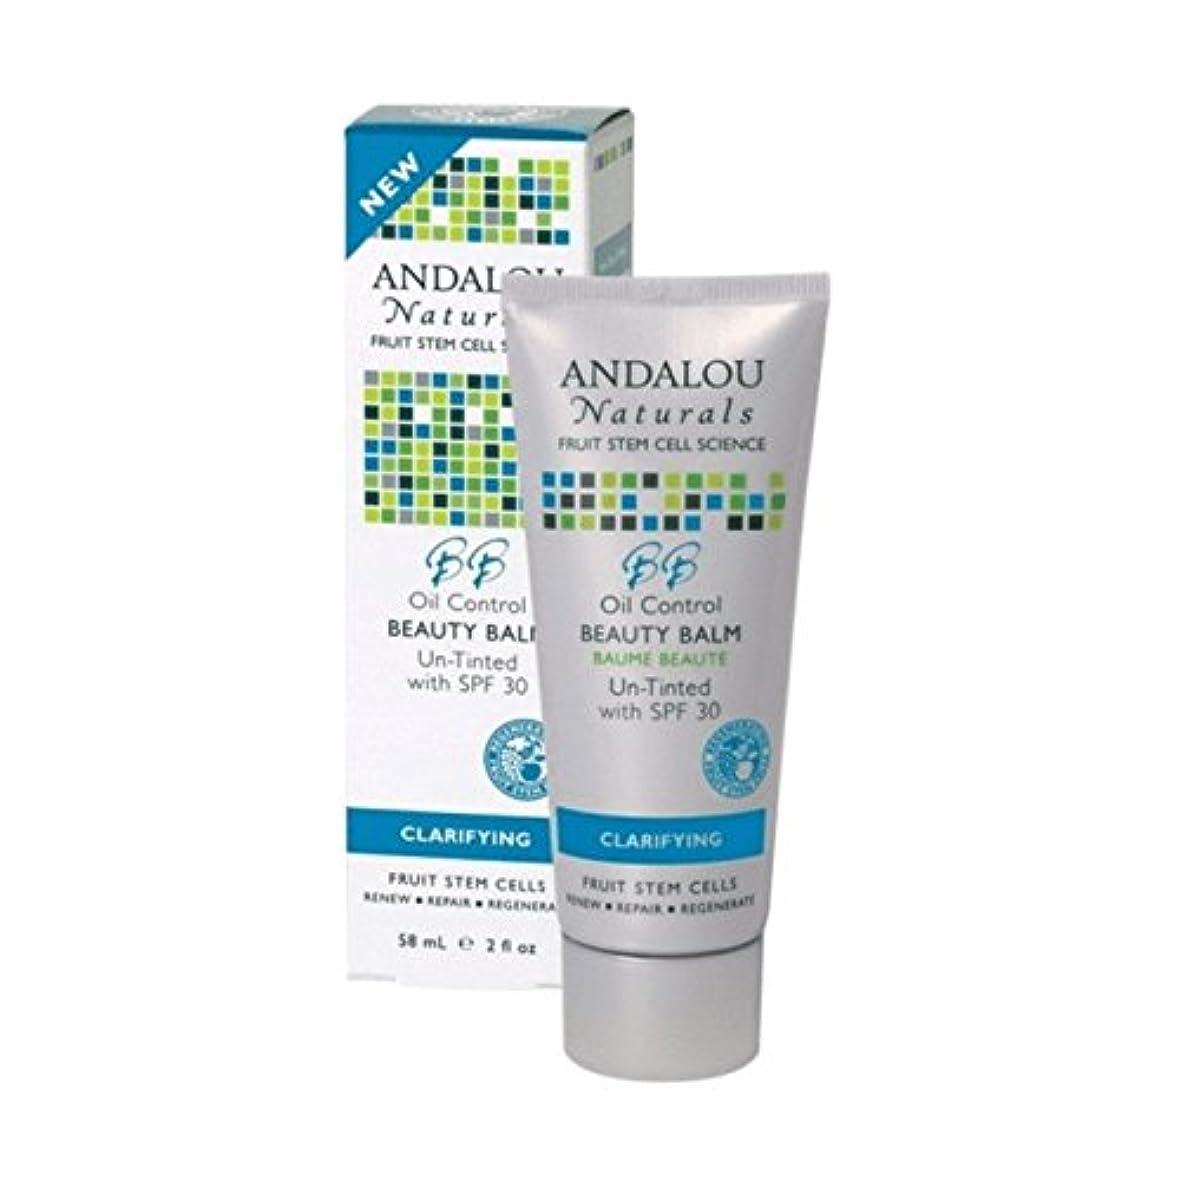 壮大ヒューマニスティック障害者Andalou Oil Control Beauty Balm Un-Tinted SPF 30 58ml (Pack of 6) - アンダロウオイルコントロール美容バーム未着色Spf 30 58ミリリットル (x6) [並行輸入品]